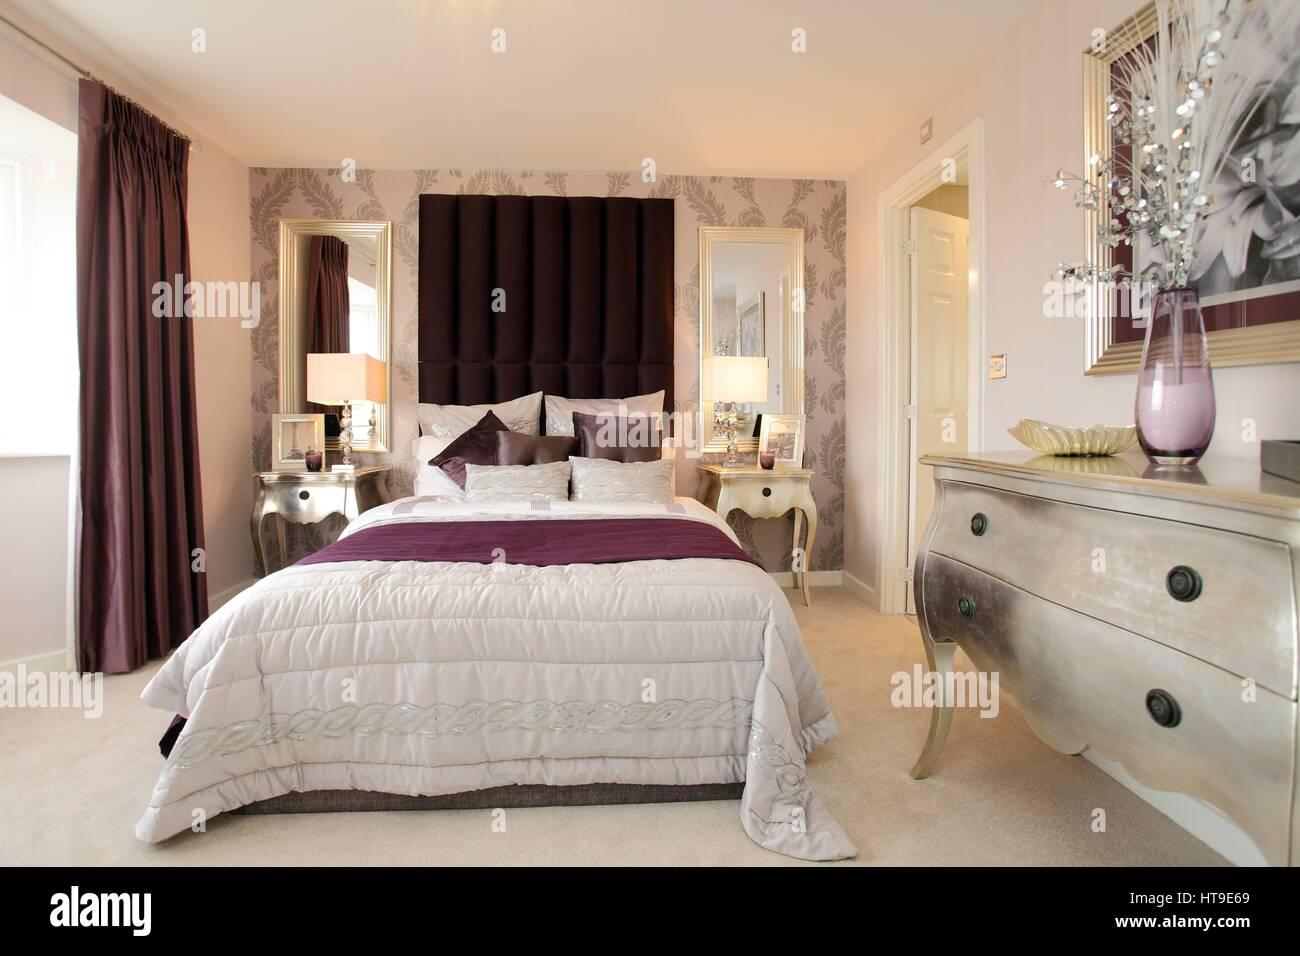 Home interno, una camera da letto decorata in malva e colori ...